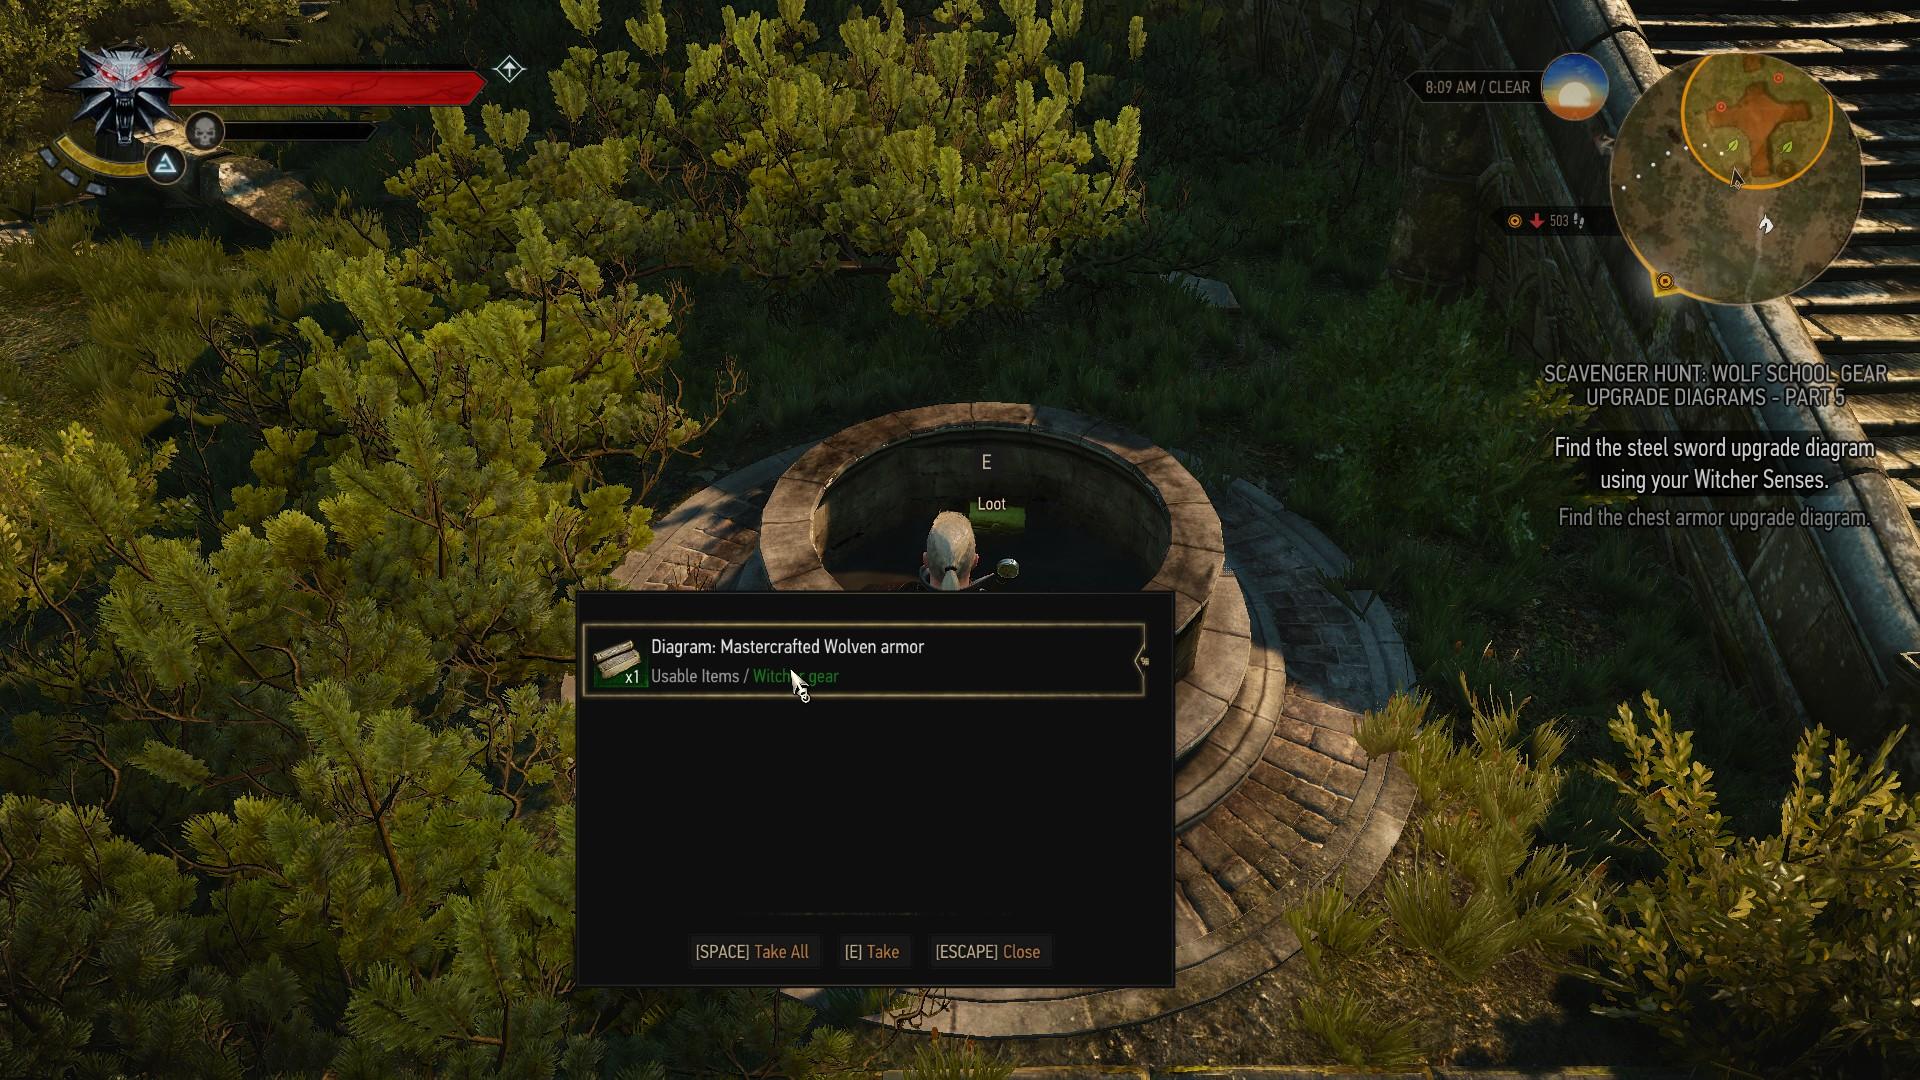 Witcher 3 Mastercrafted Wolf Armor Diagram Location - Gosu ... - photo#34